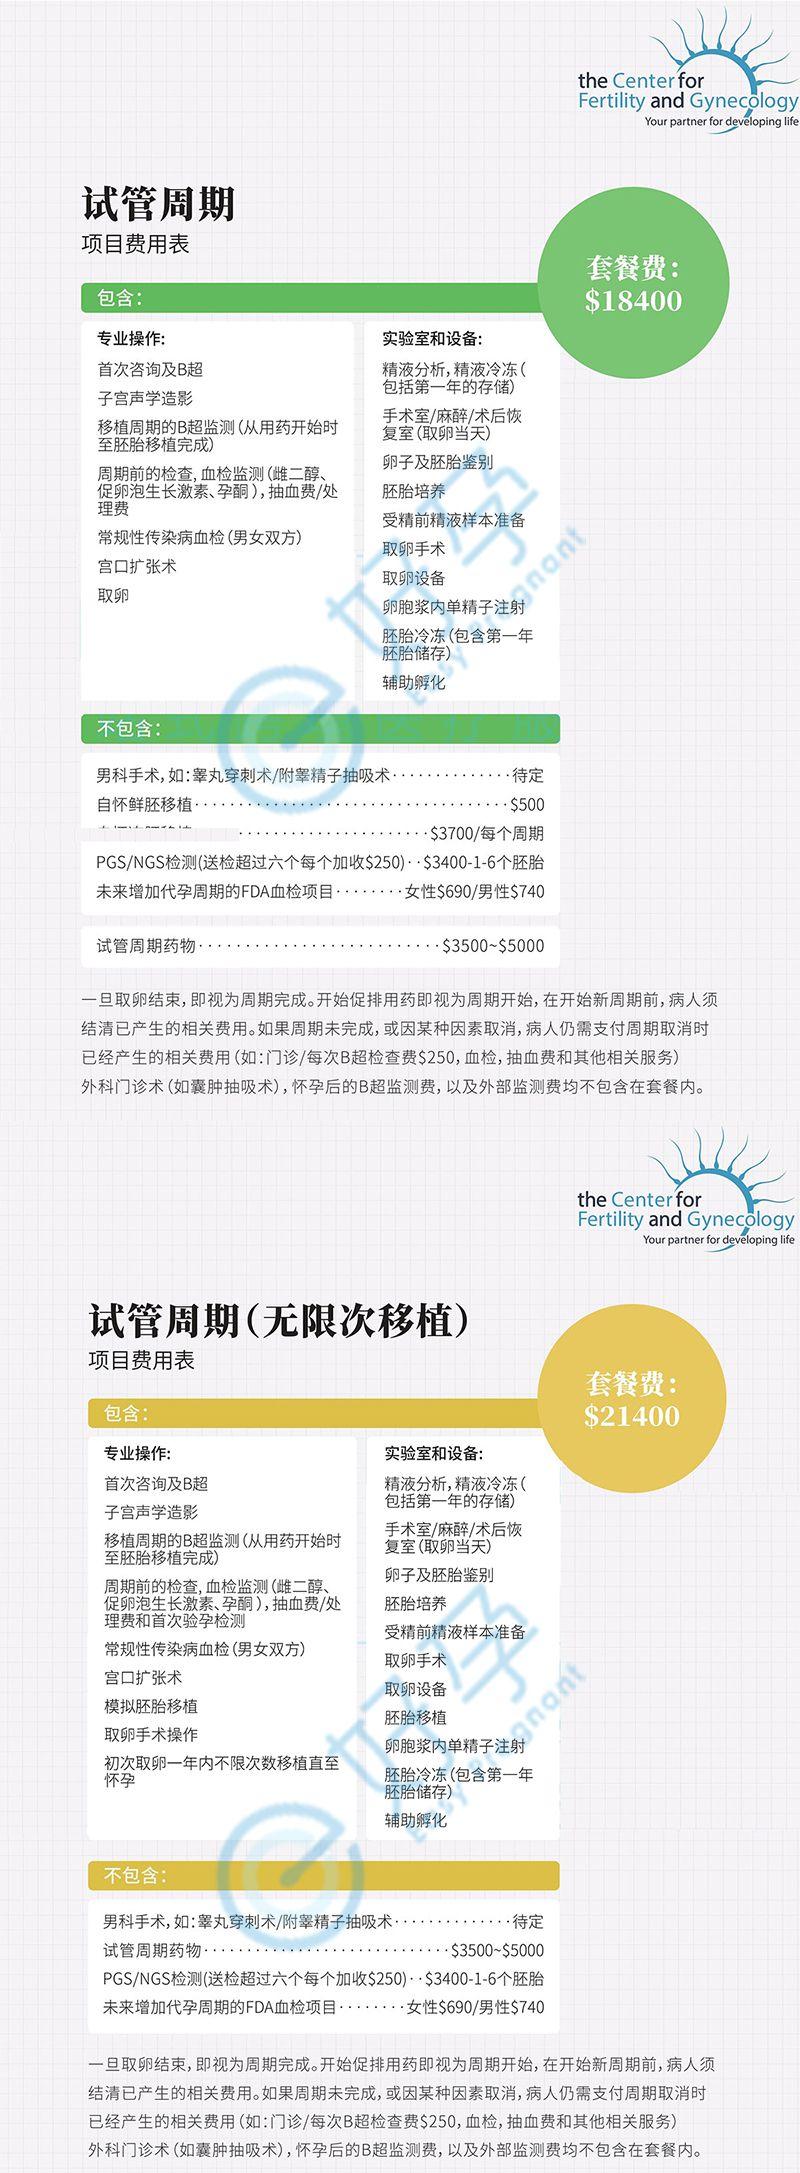 美国CFG生殖与妇科医疗集团-塔扎纳总院.jpg